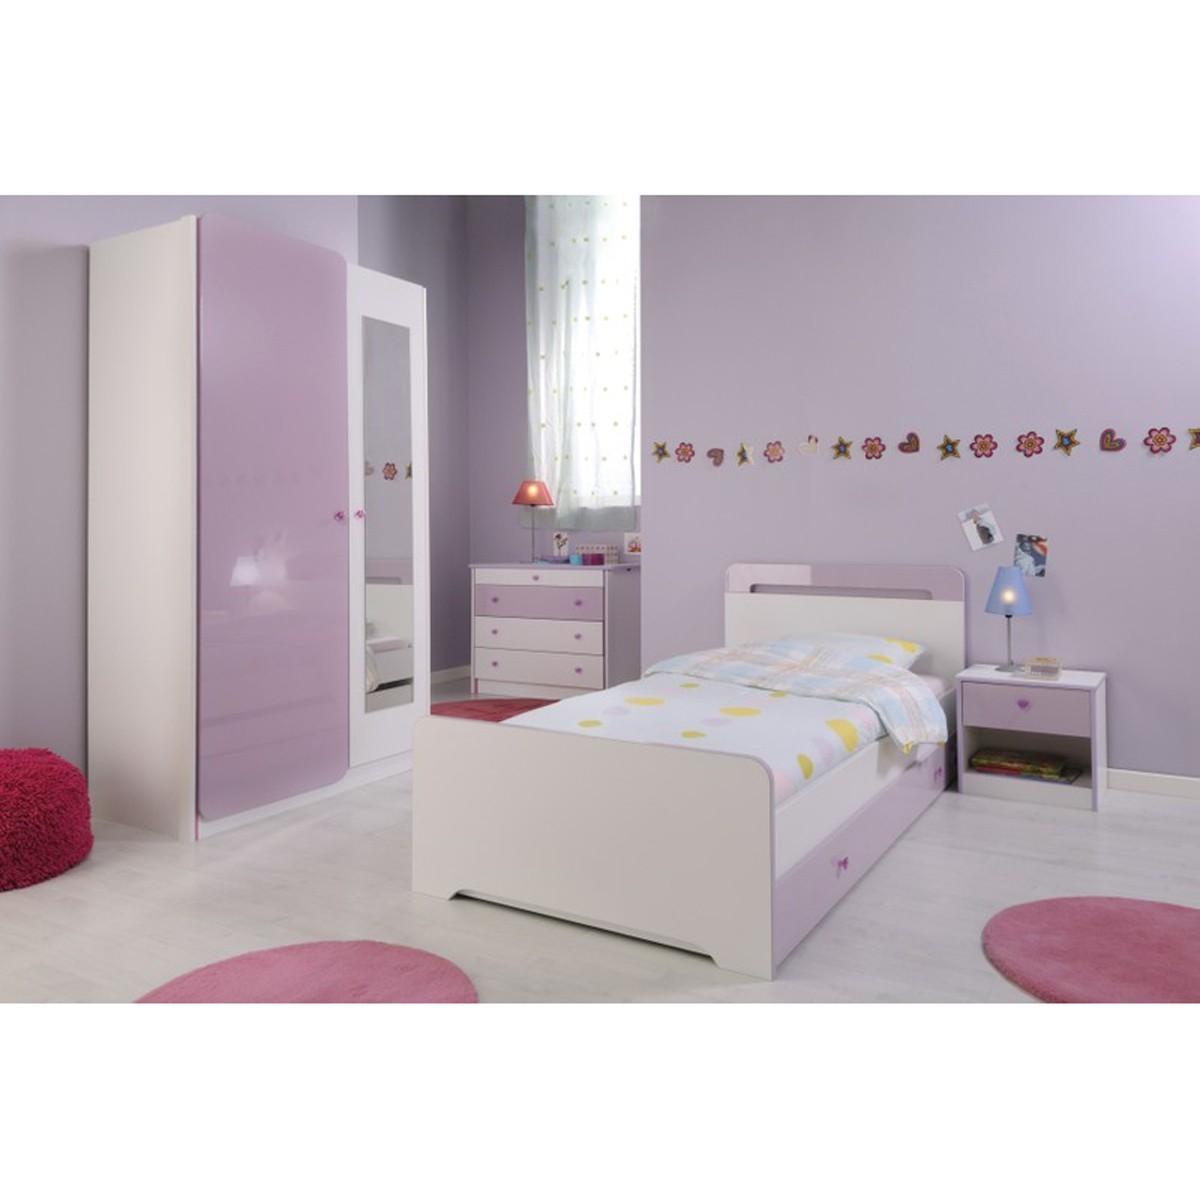 Madchen Bett 90x200 Madchen Kinderbett 90200 Einzigartige